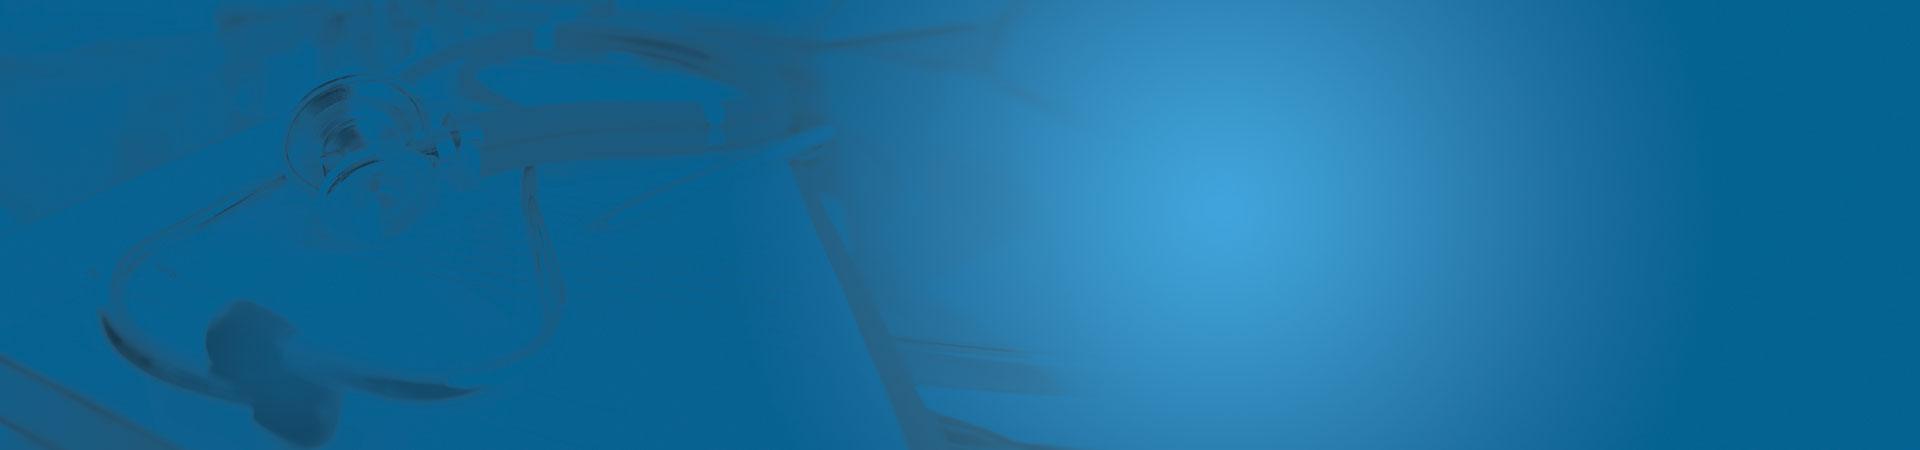 slide-overlay-sanatate